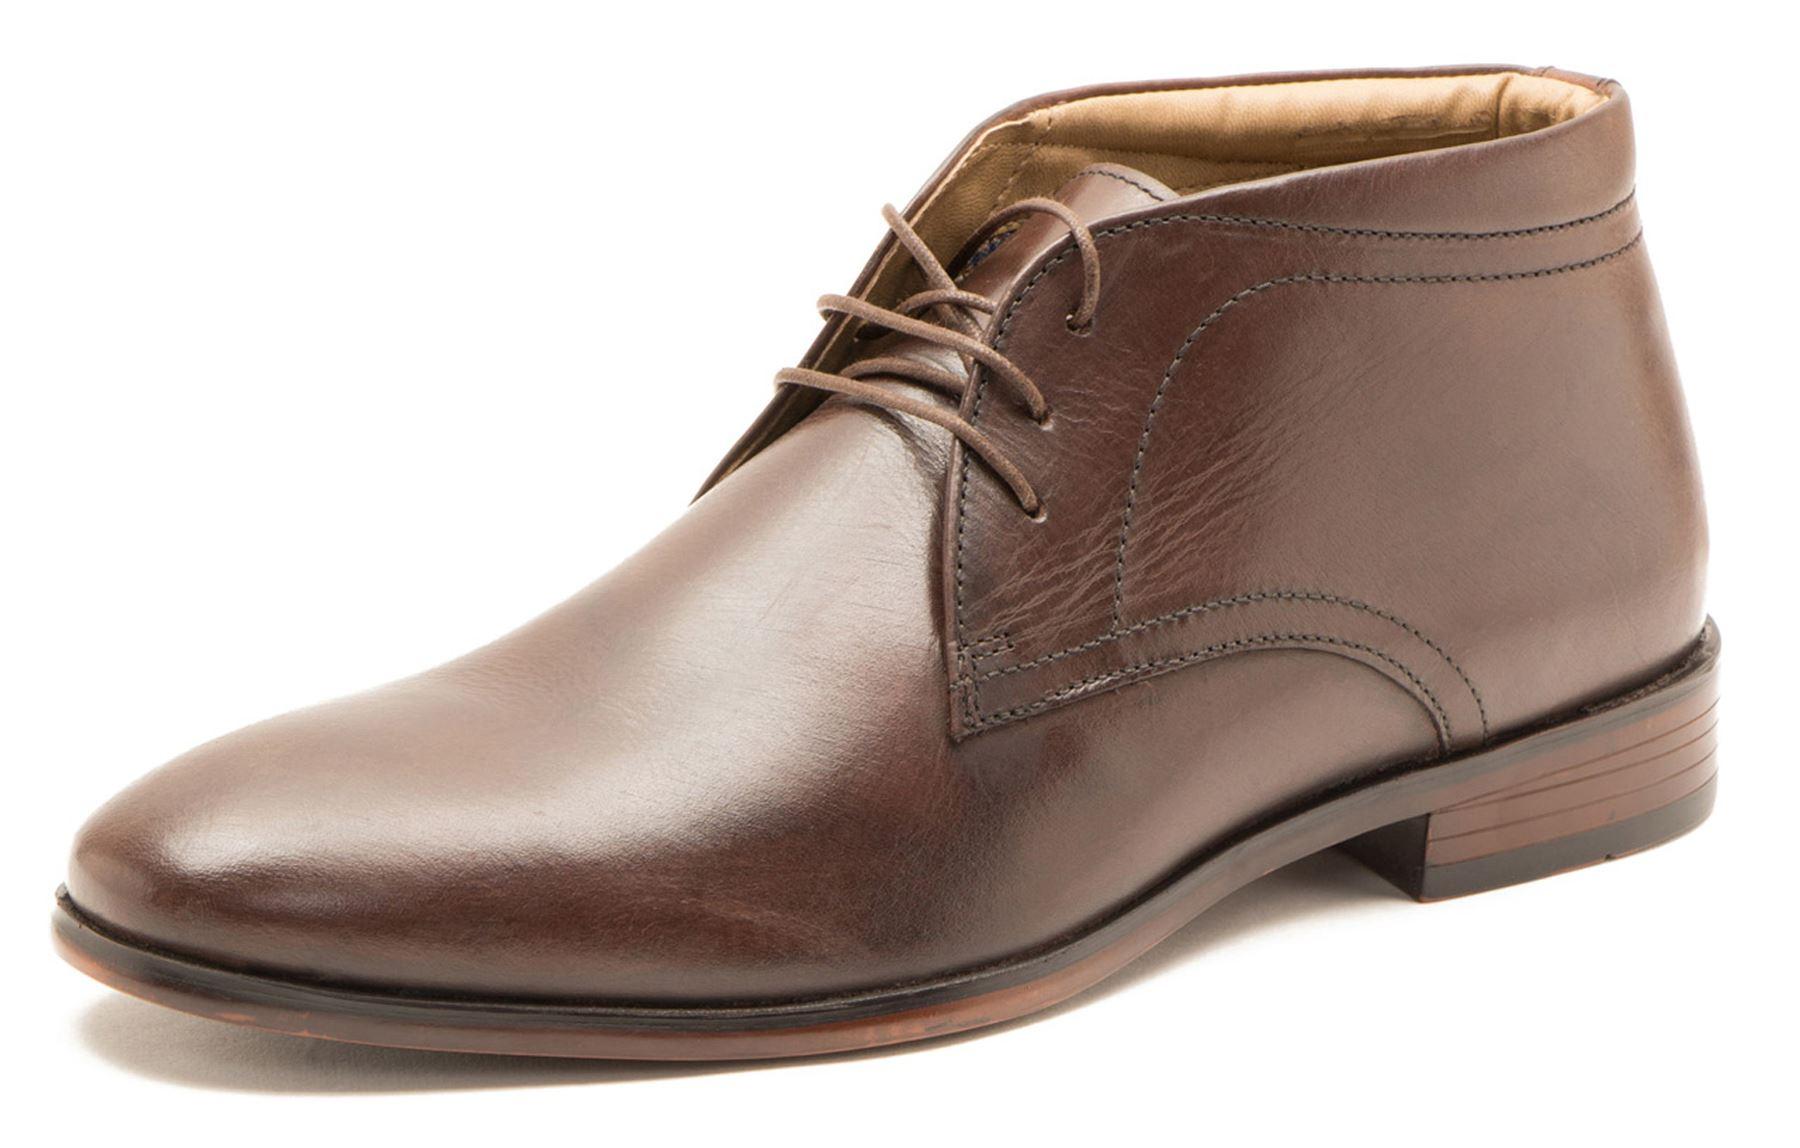 Chaussures À Lacets De Haut Tracasseries Administratives 100% Cuir Pour Les Hommes, Brun, Taille 47